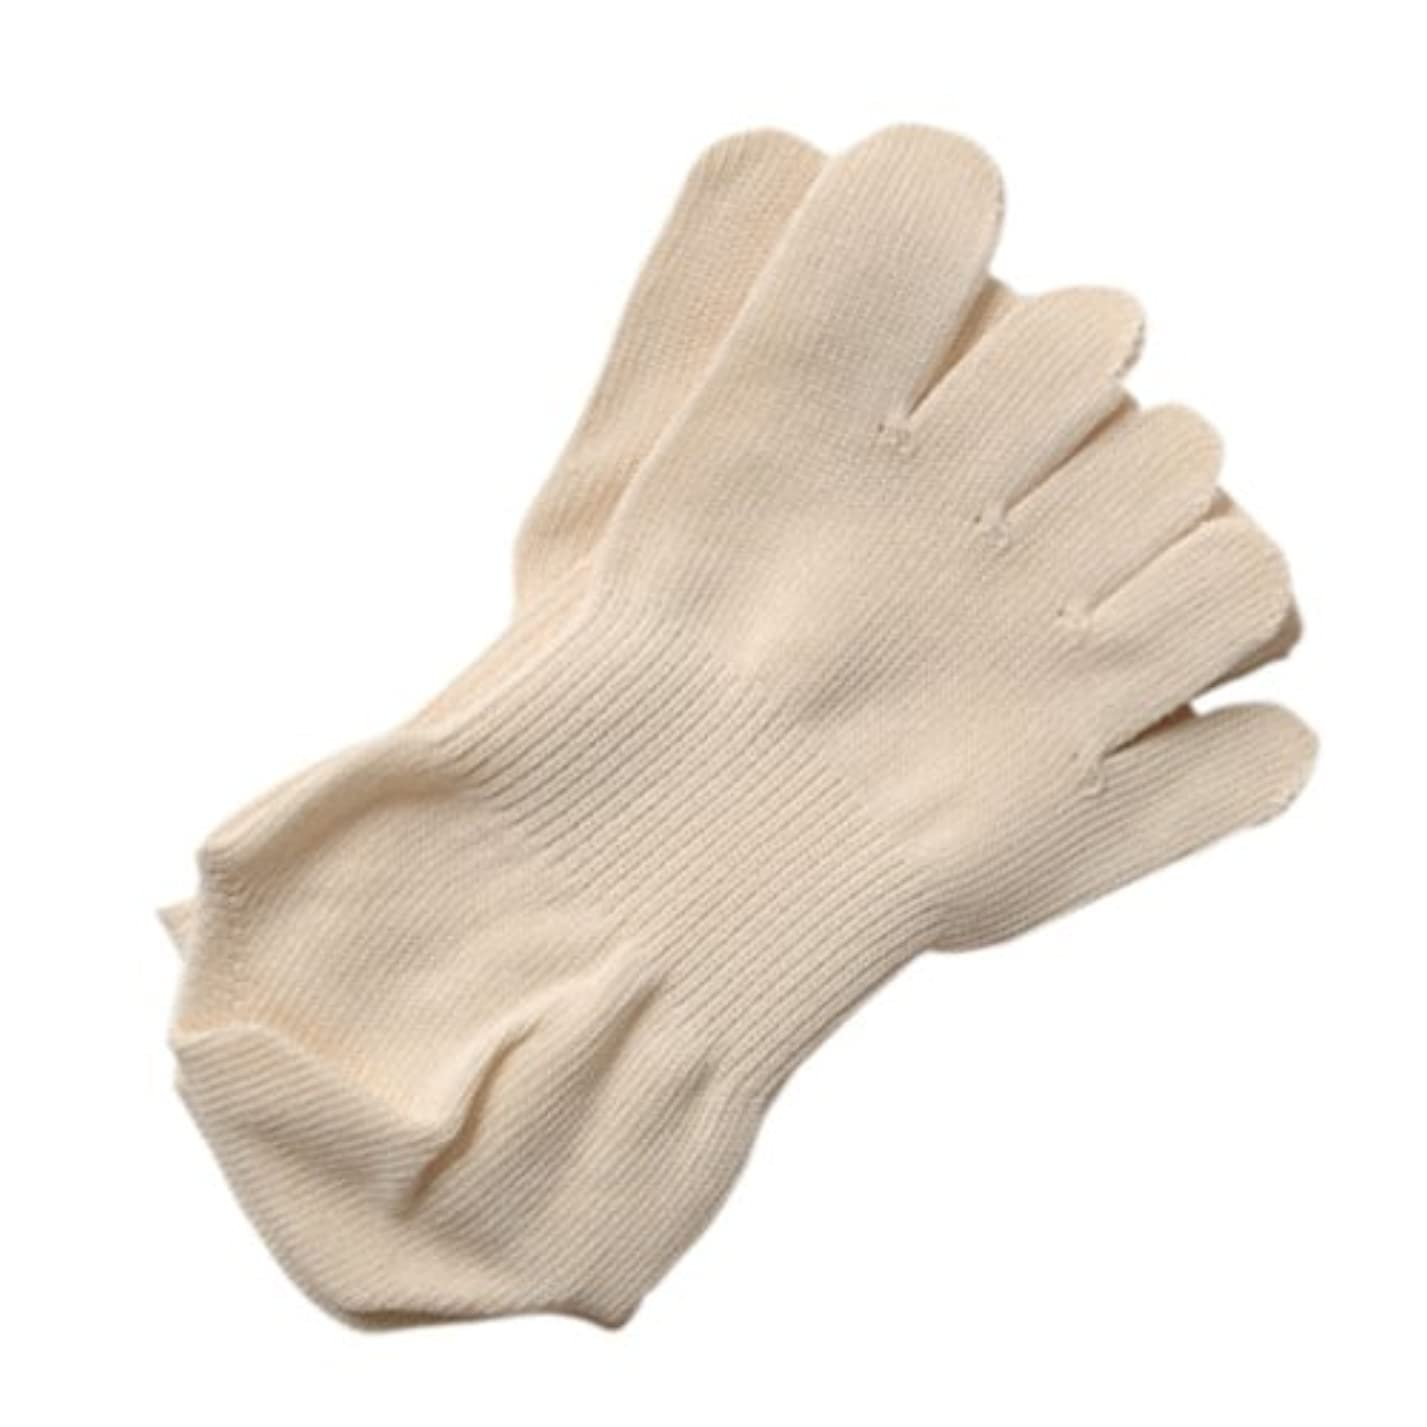 排除雲代表する五本指薄手ソックスMアイボリー:オーガニックコットン100% 履くだけで足のつぼをマッサージし、健康に良いソックスです!